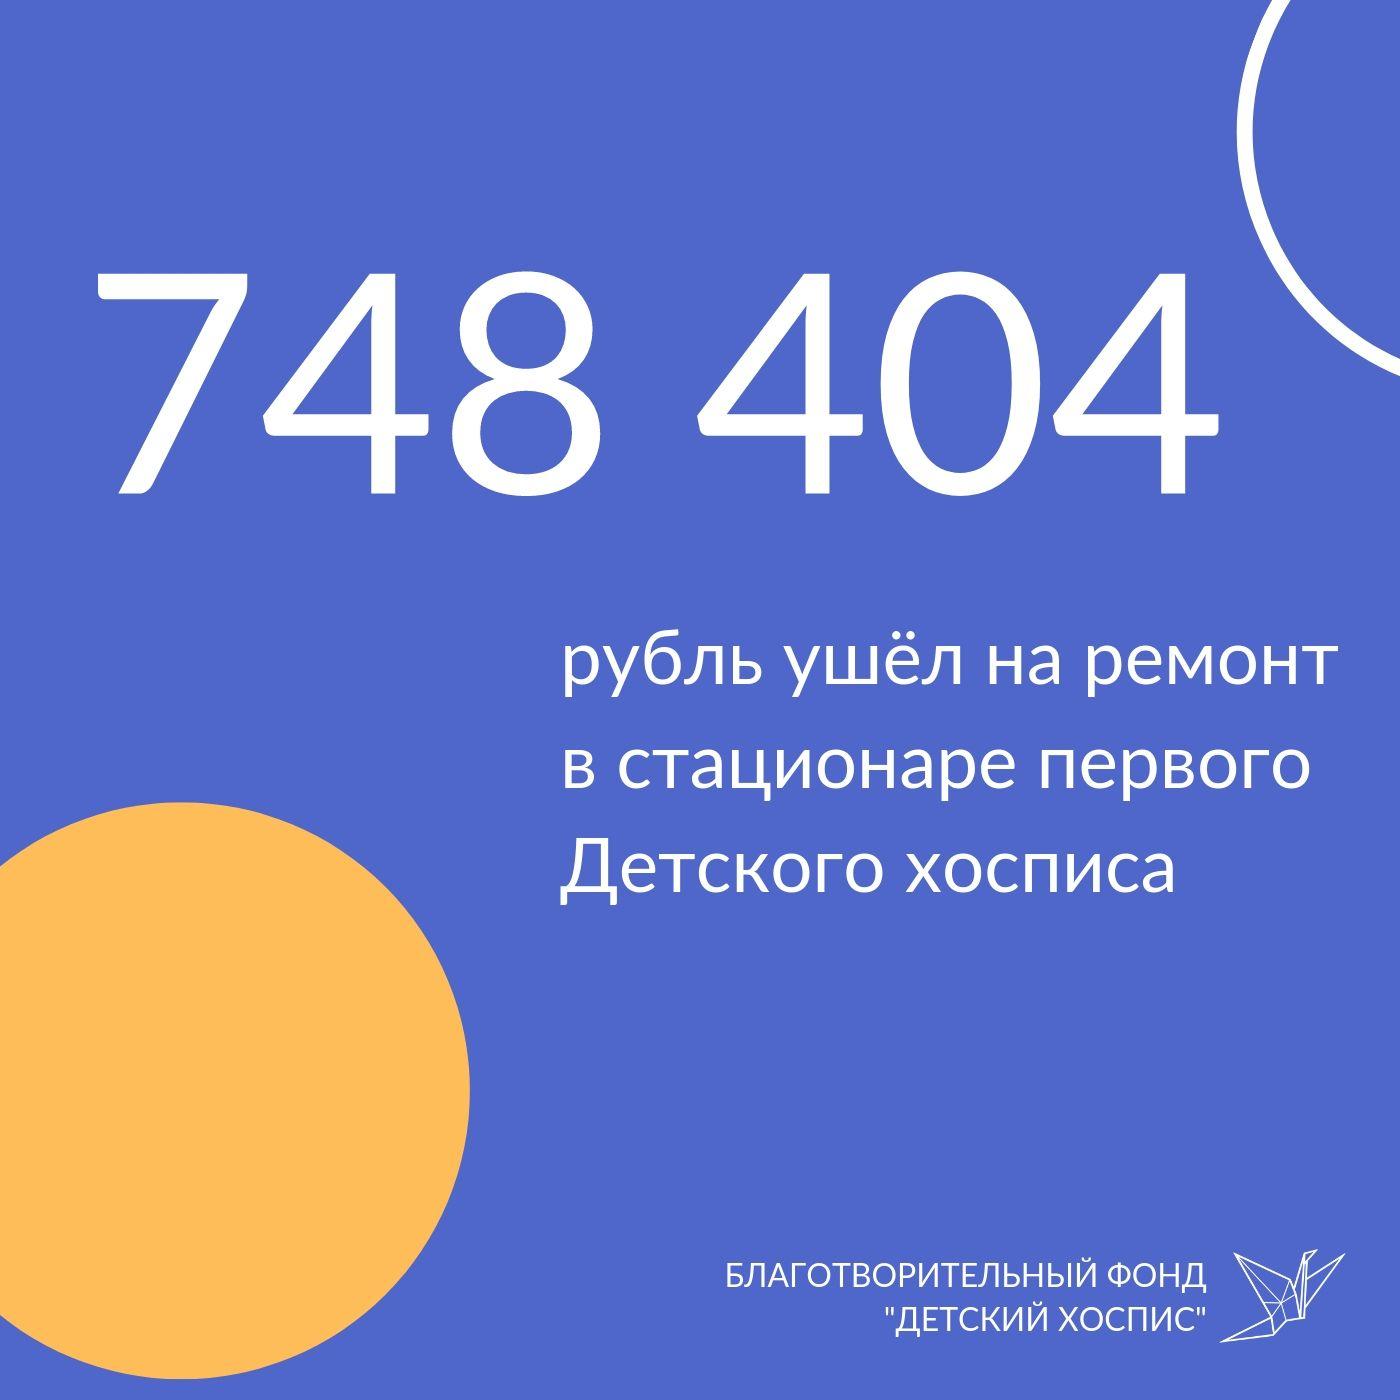 e401312f416b18558c44b4e0768cb110.jpg